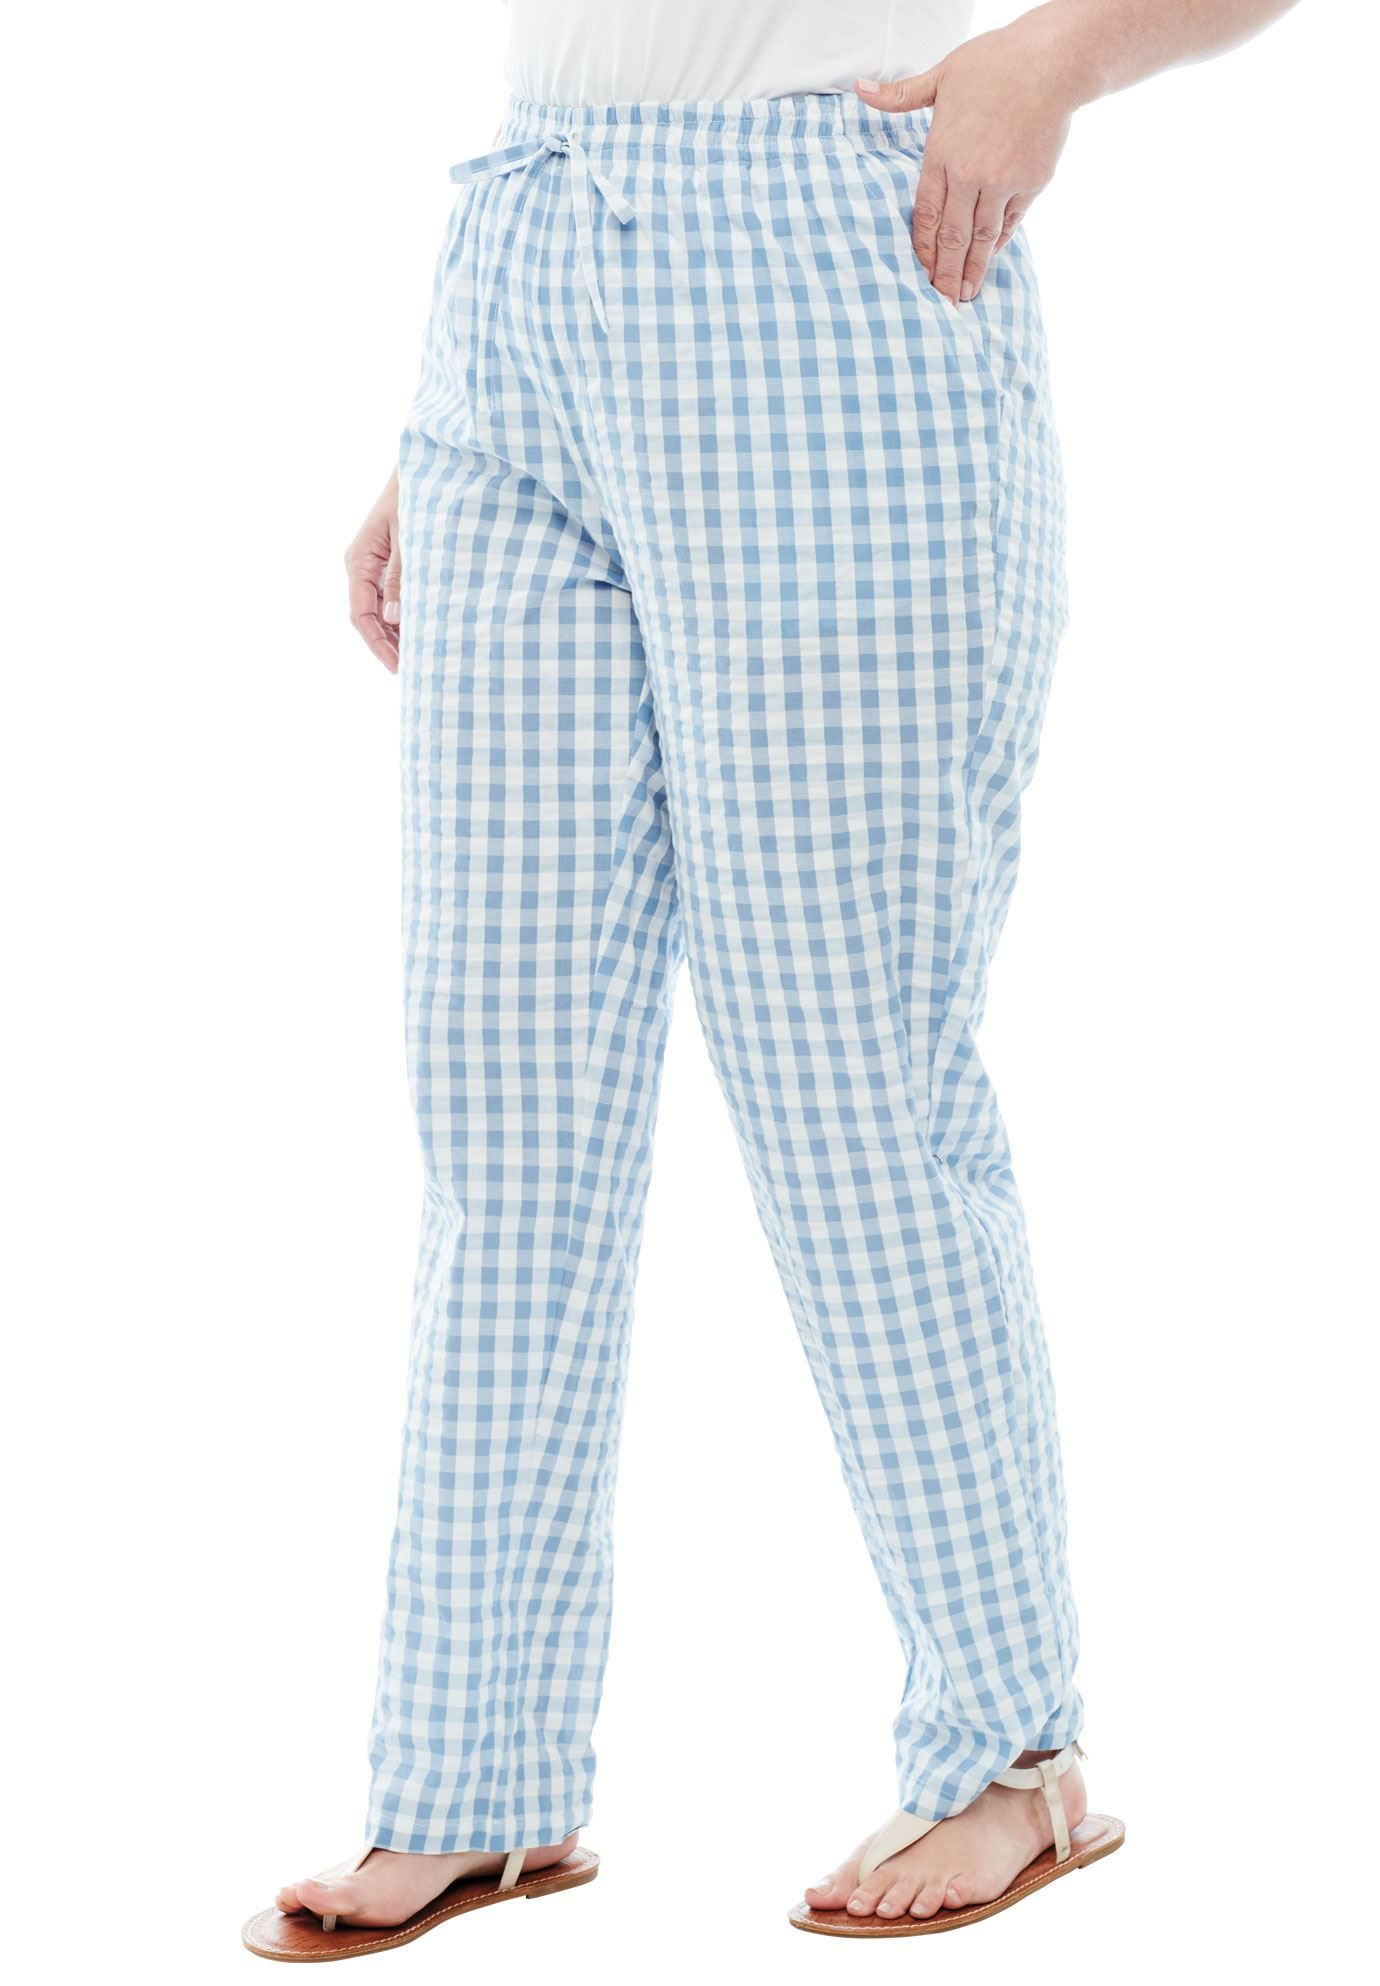 Petite Seersucker Pants Women S Plus Size Clothing Seersucker